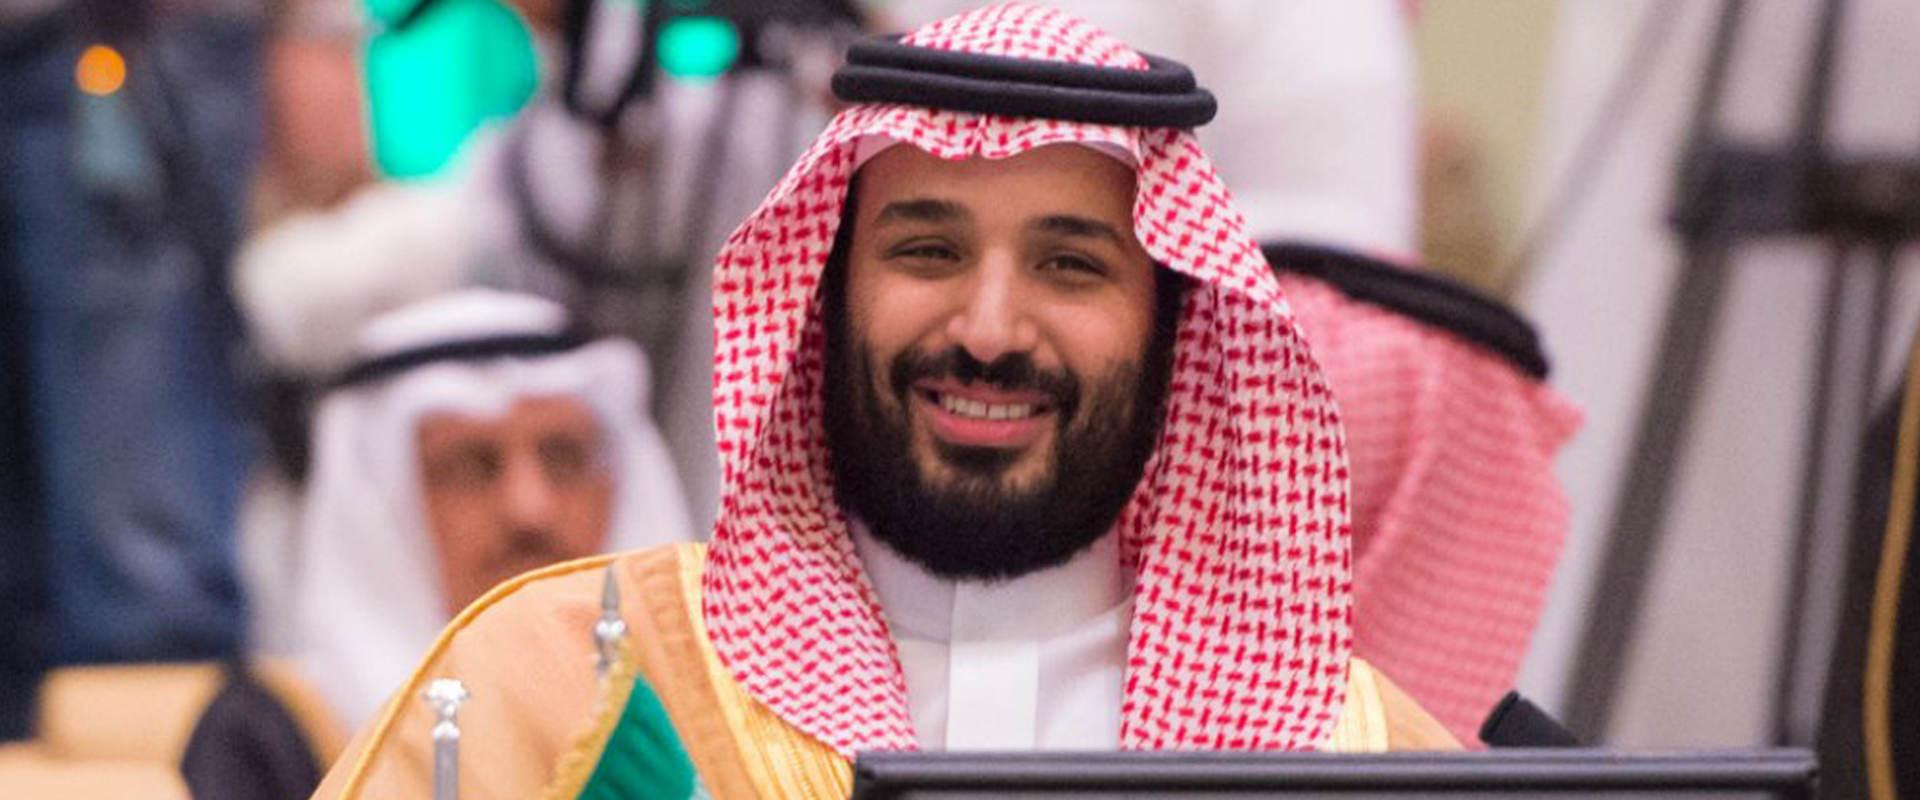 יורש העצר הסעודי מוחמד בן סלמאן, באפריל